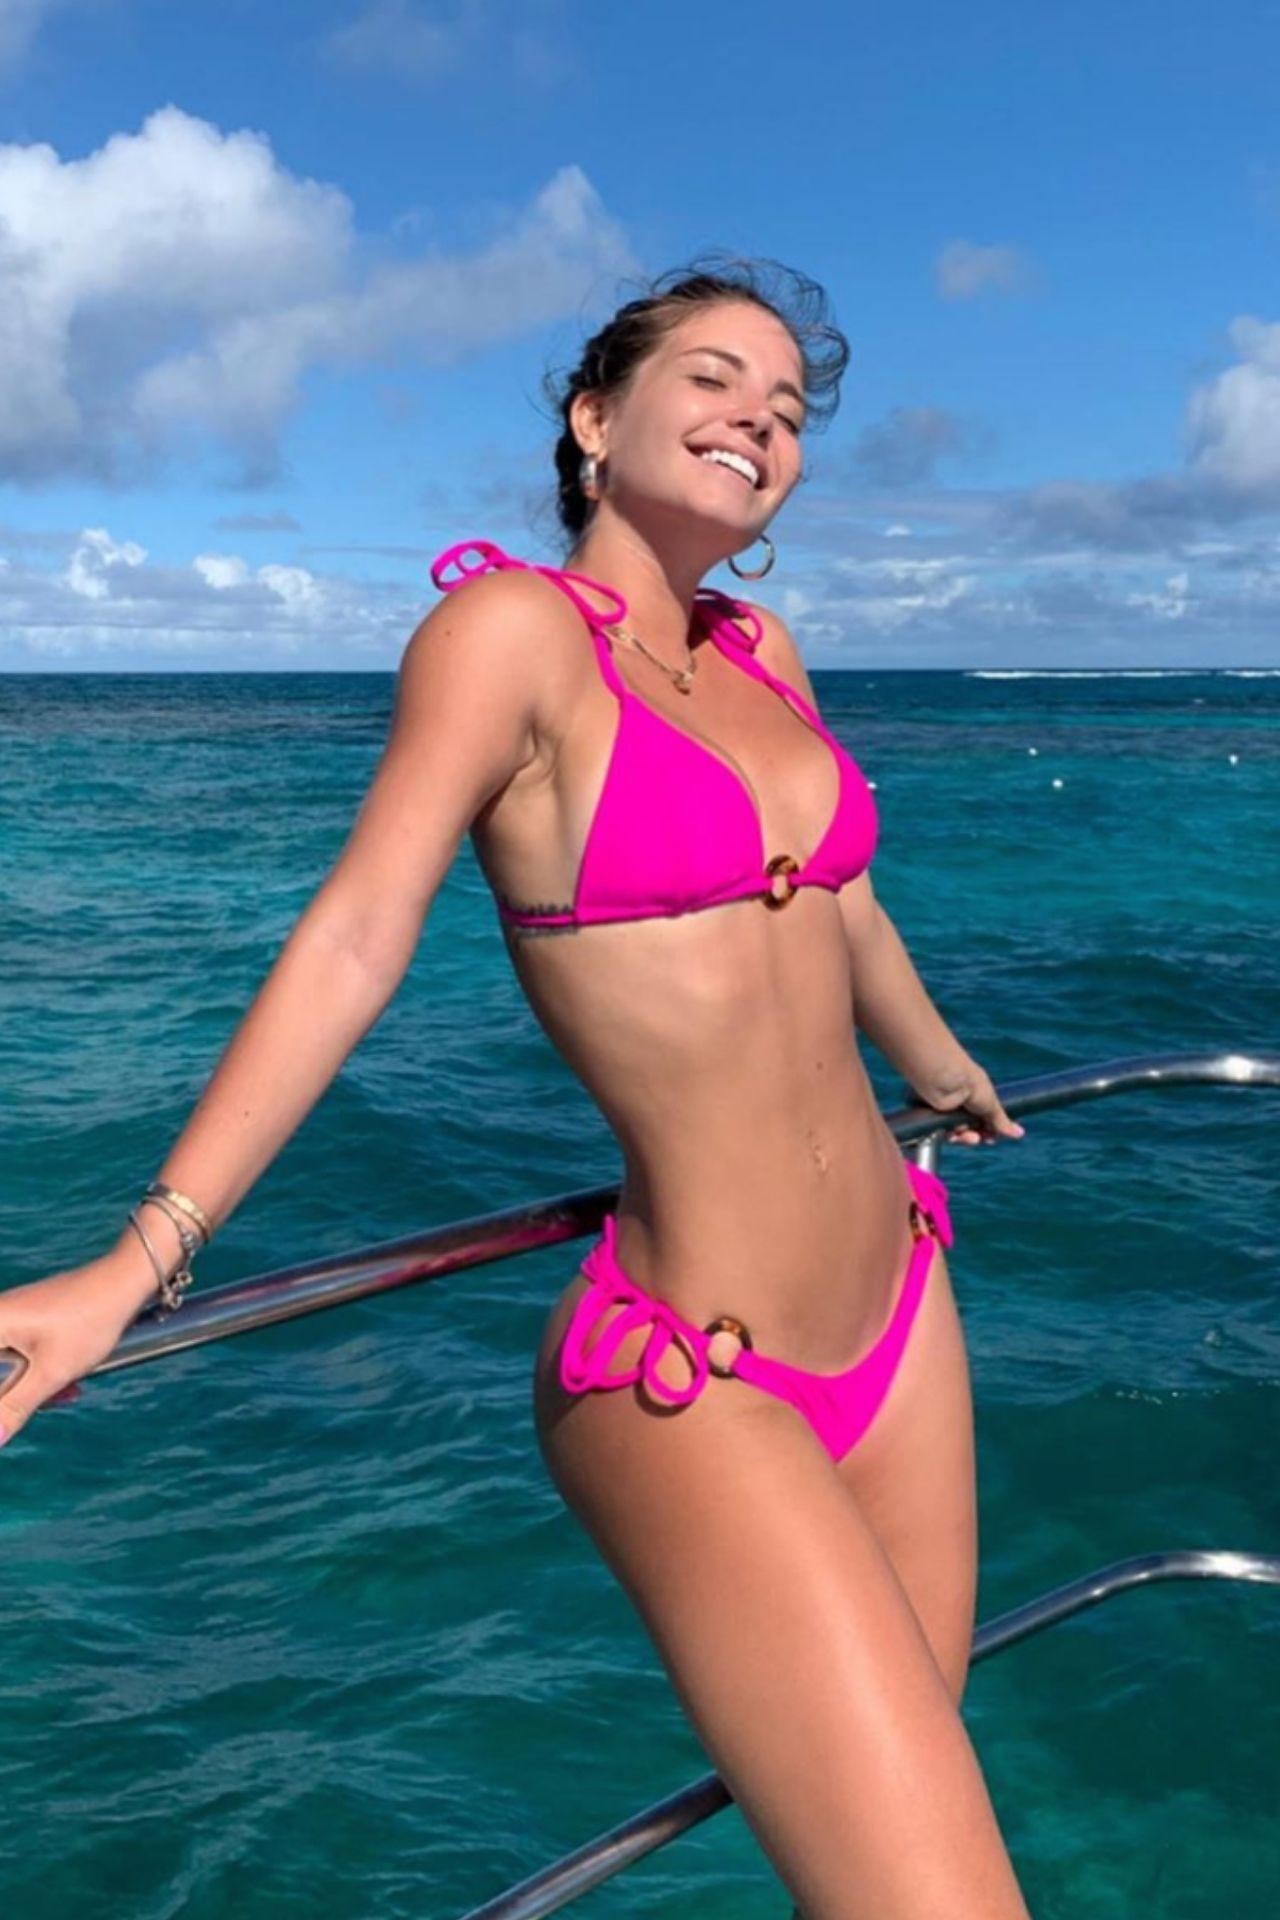 Bikini con tiras para amarrar en la parte de abajo.  Corte pequeño.  Tiritas para amarrar a los lados de la parte de abajo del bikini.  Color Fucsia Neón.